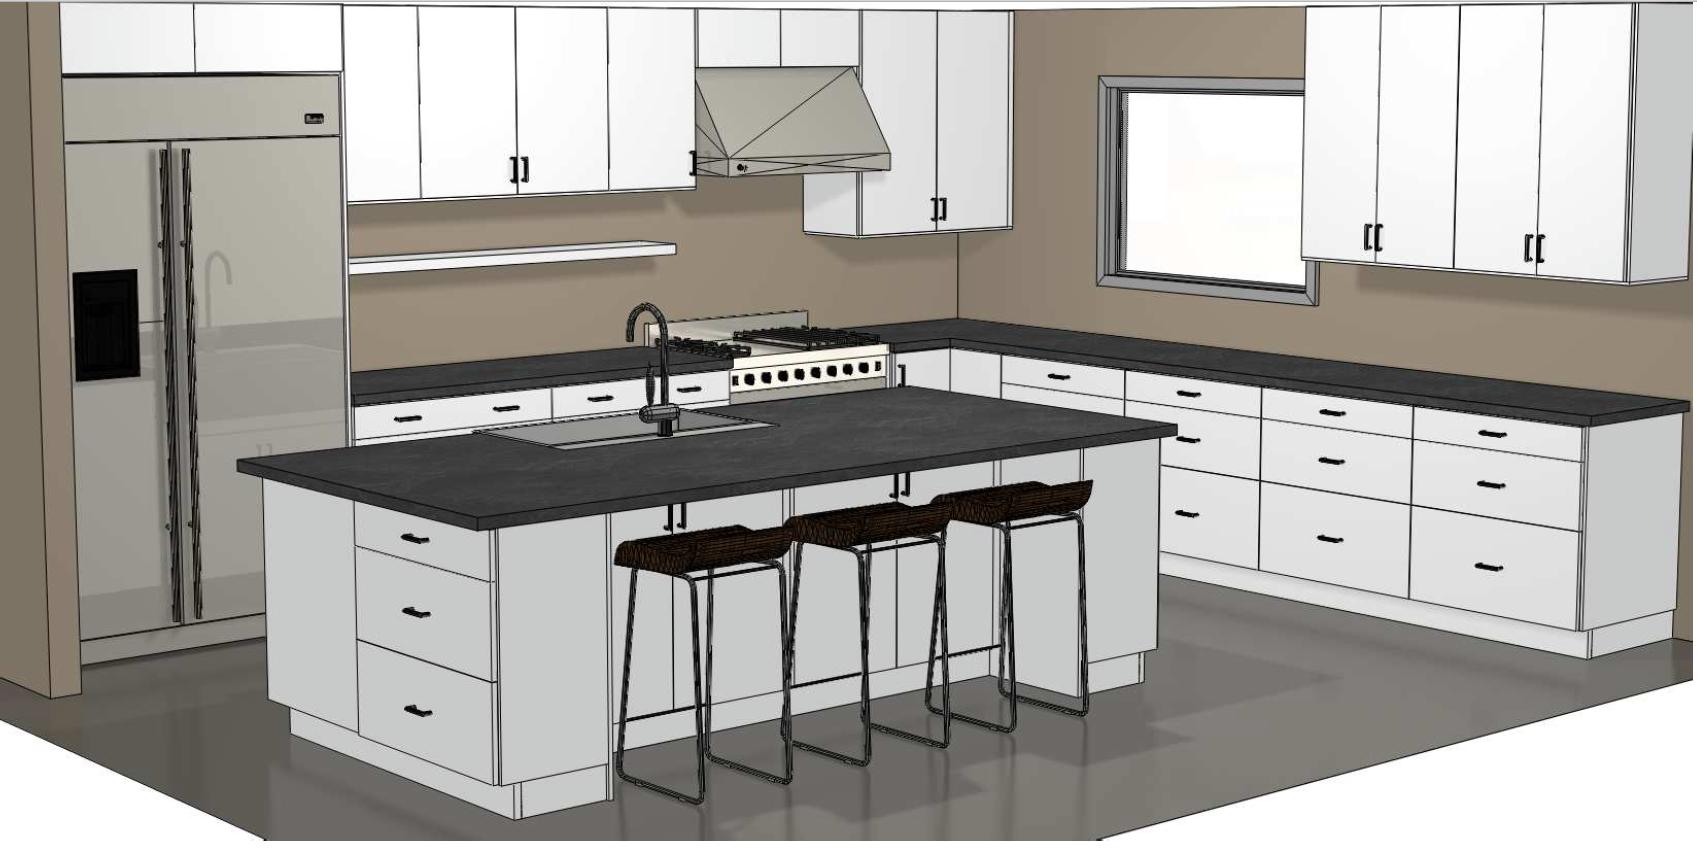 16 X 14 Kitchen Modern Kitchen Design Cabinets